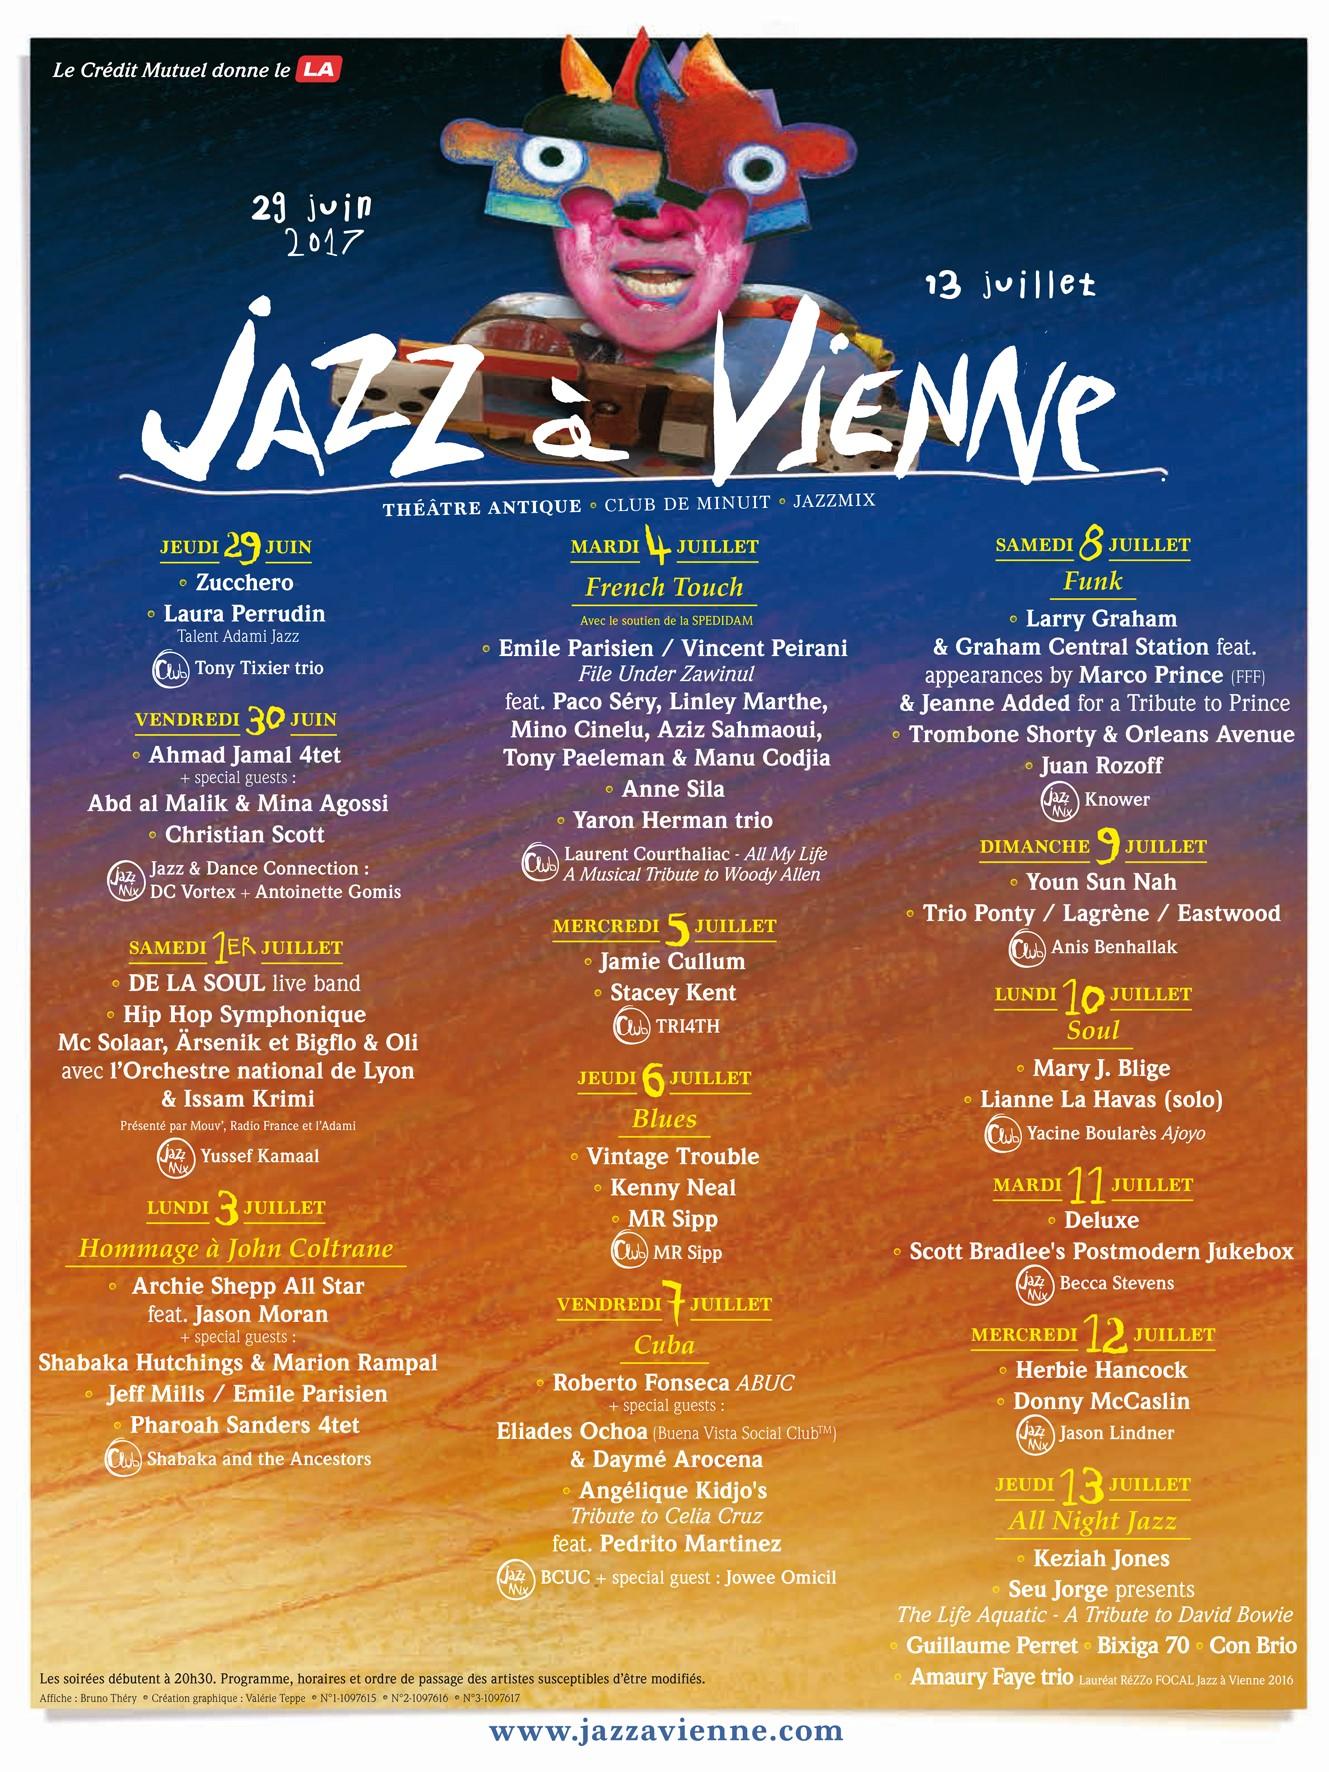 programmation jazz a vienne 2017